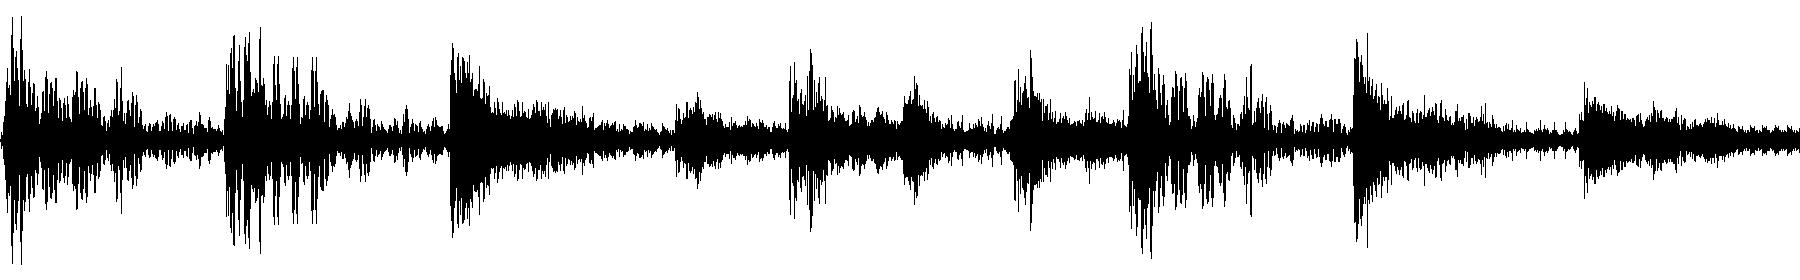 cobrarhythm loop 1